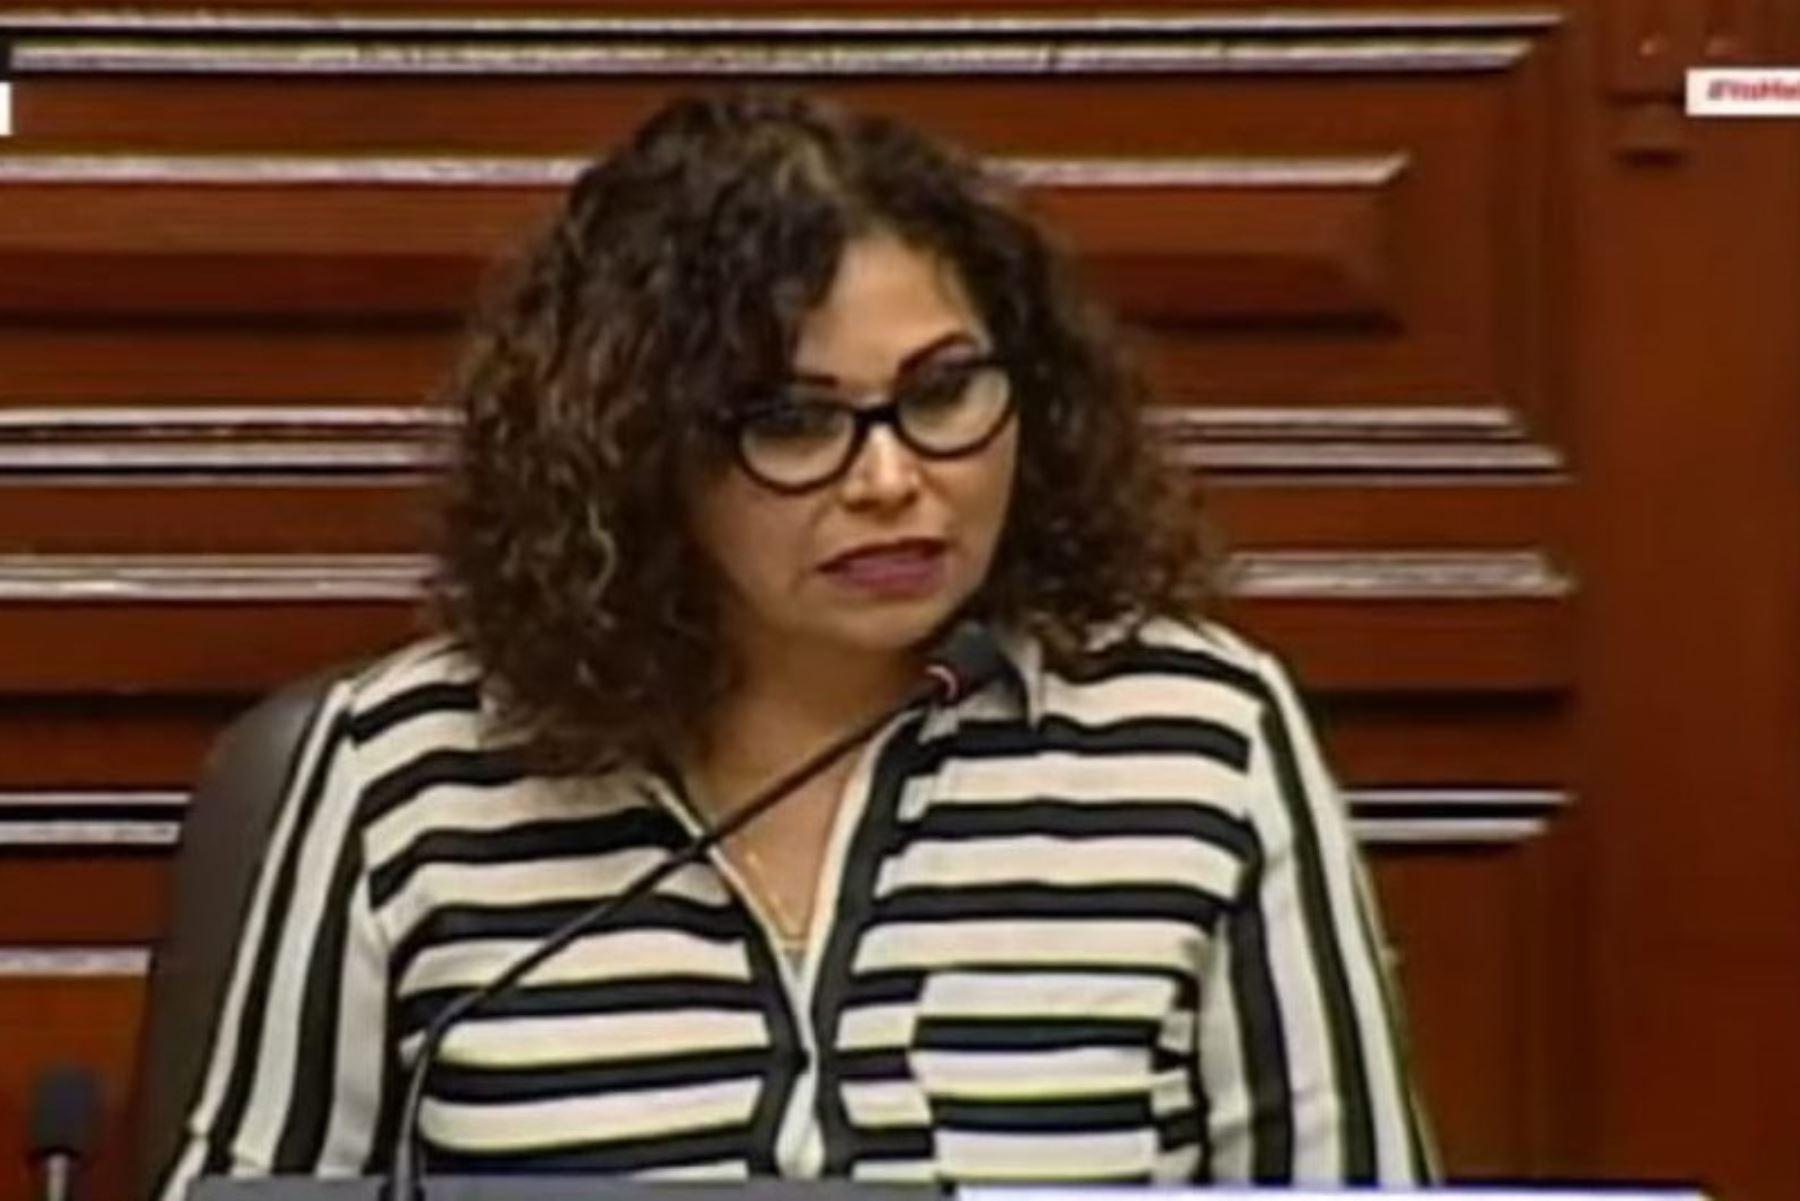 La congresista María Cabrera  recomienda ser prudentes con el deshacinar las cárceles.  Foto: Congreso de la República